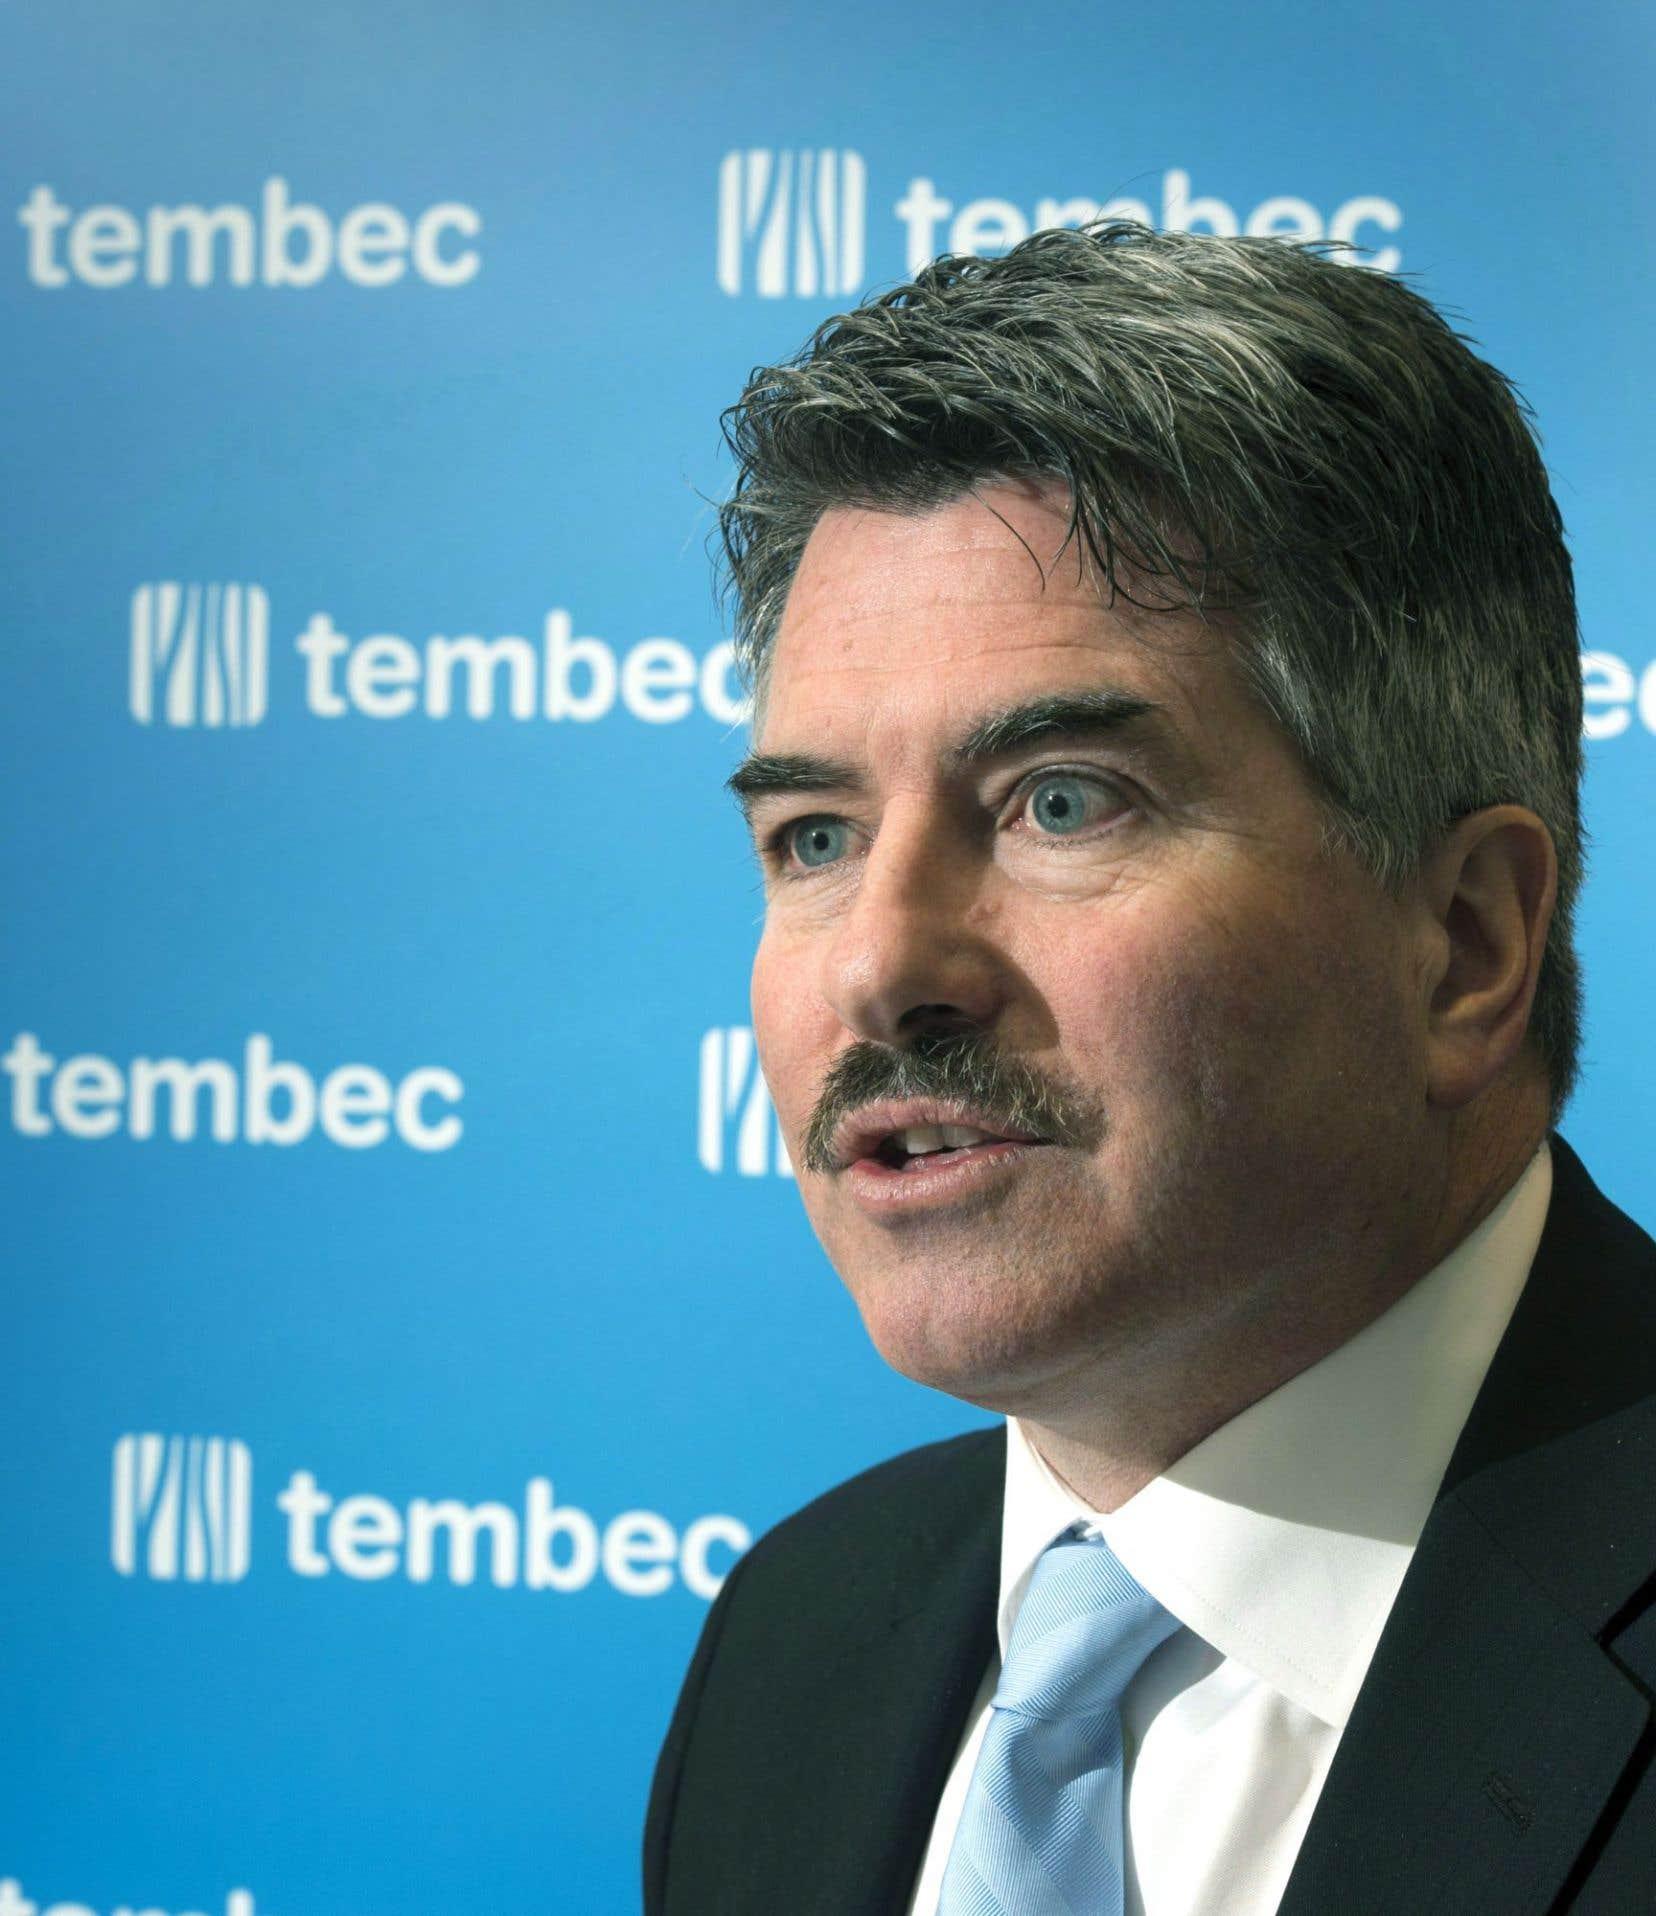 Le président et chef de la direction de l'entreprise Tembec, James Lopez